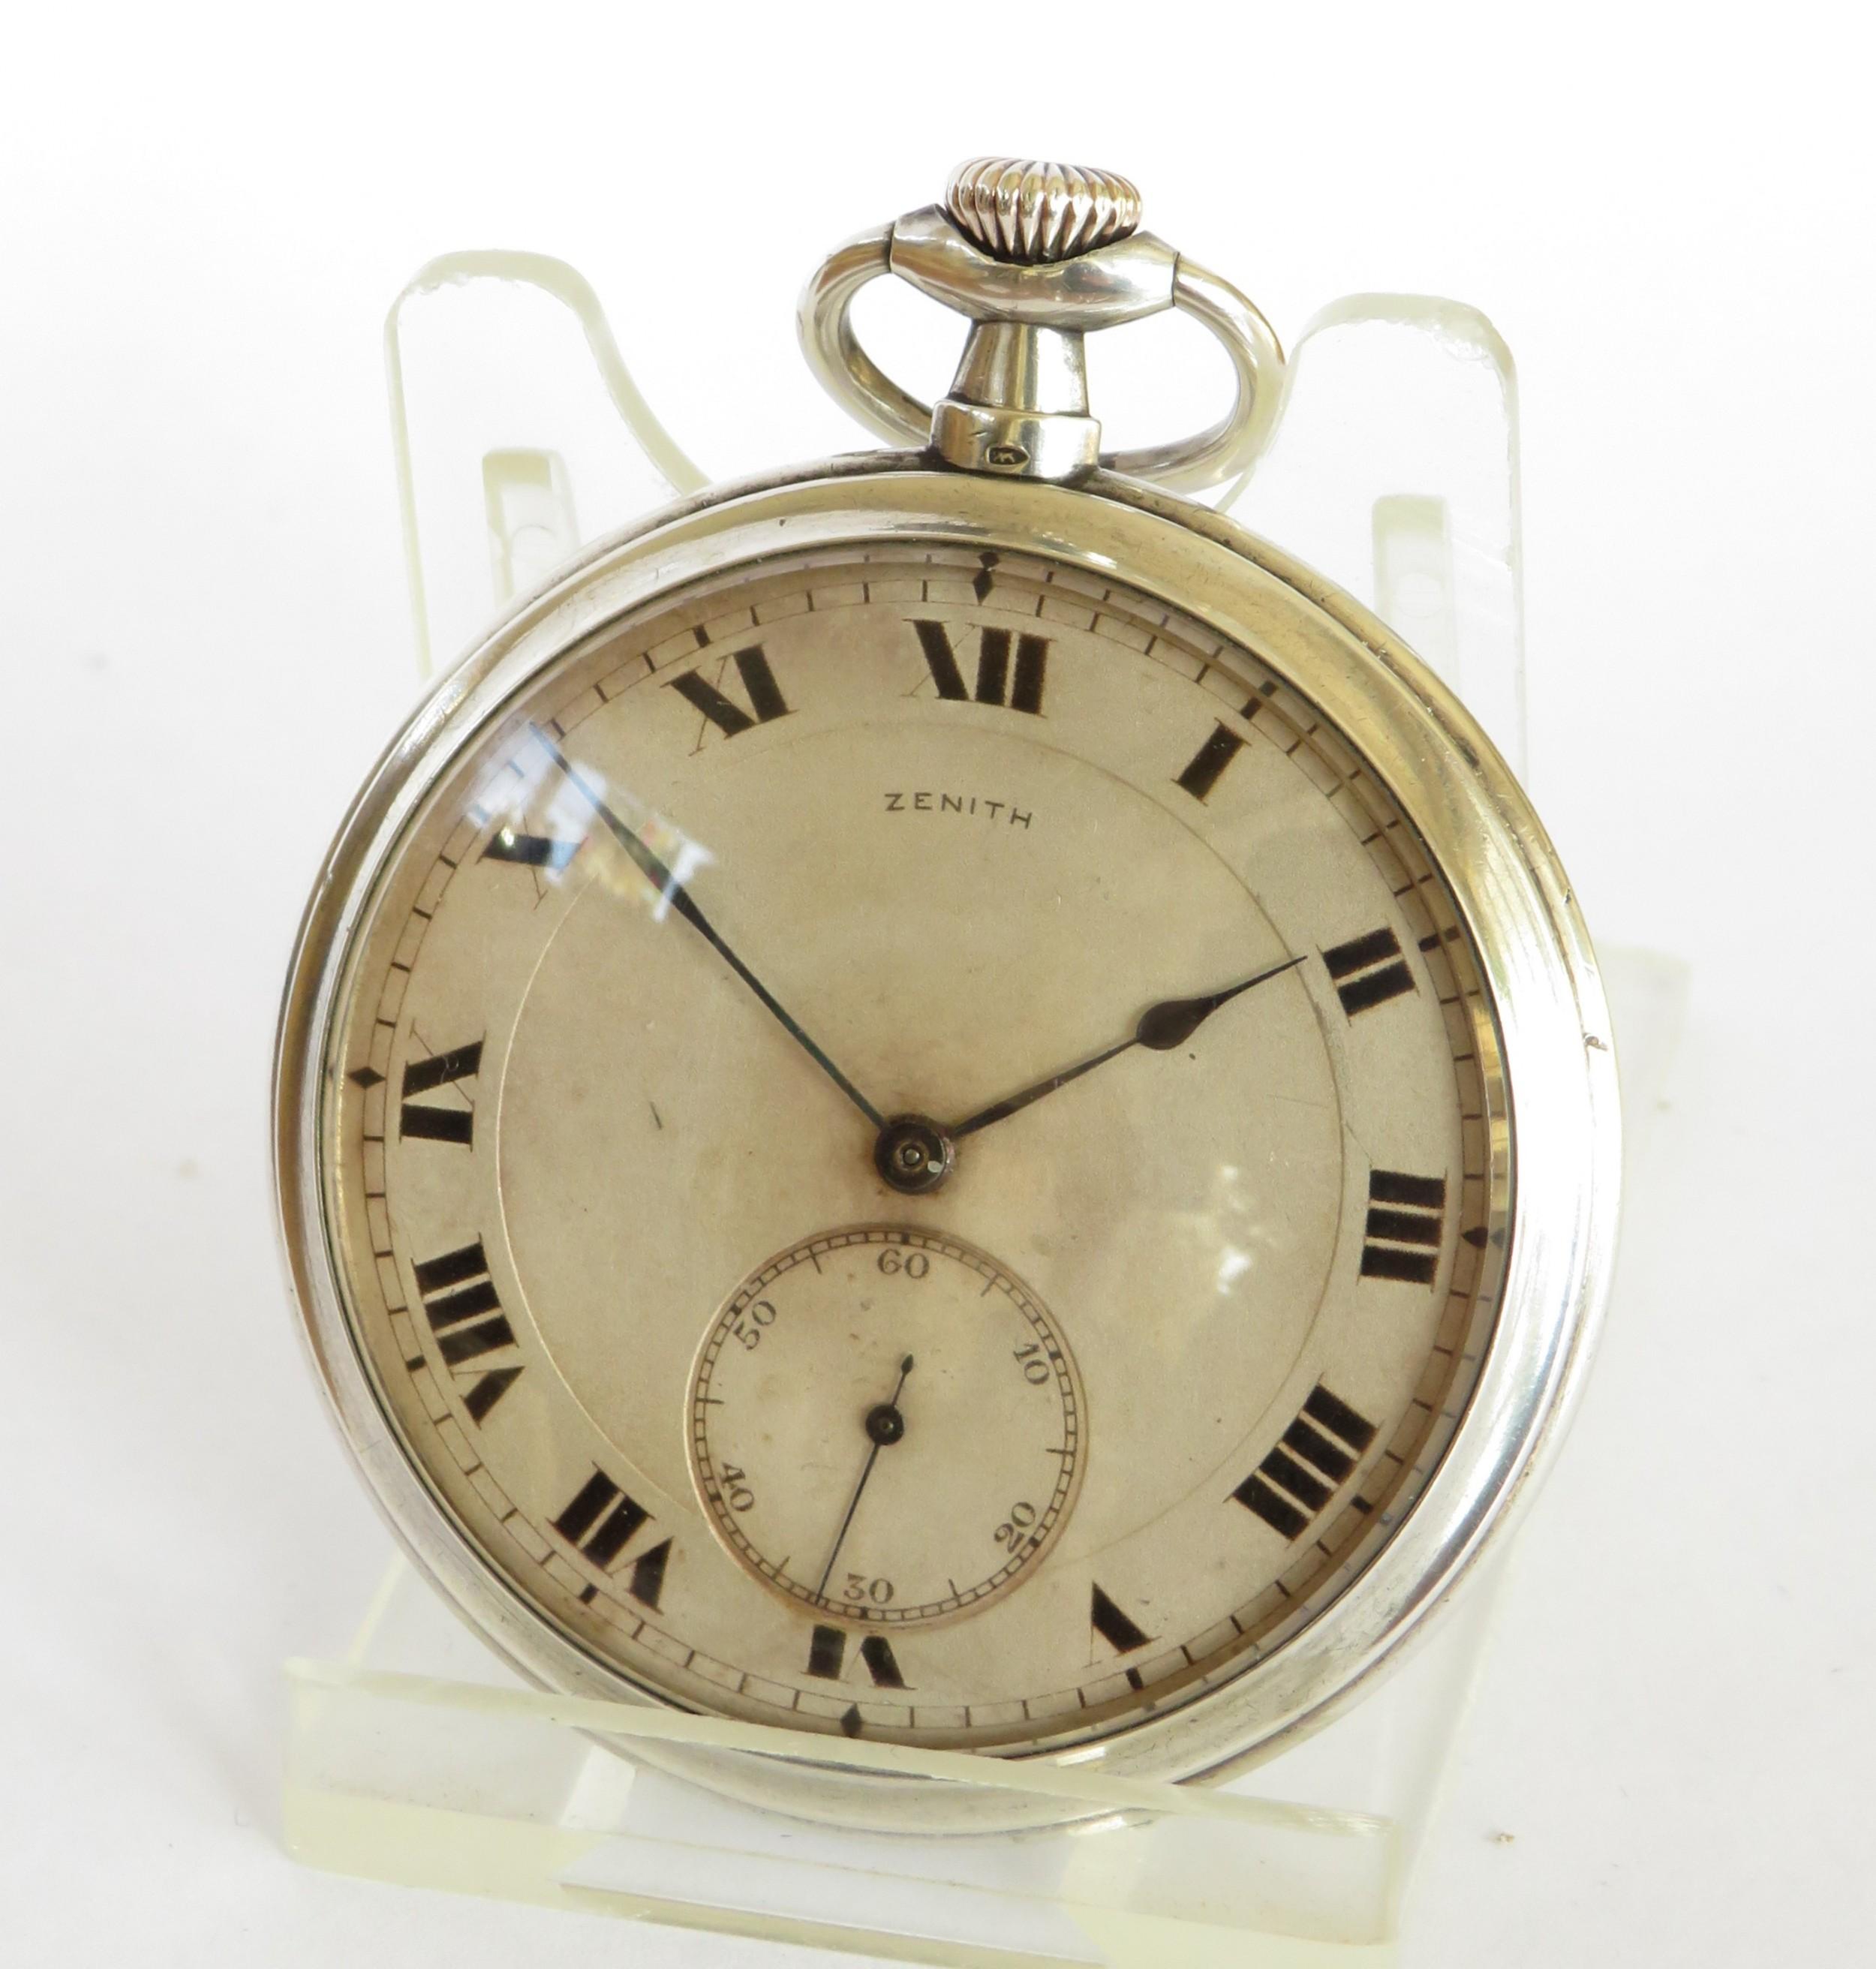 antique zenith pocket watch 1918